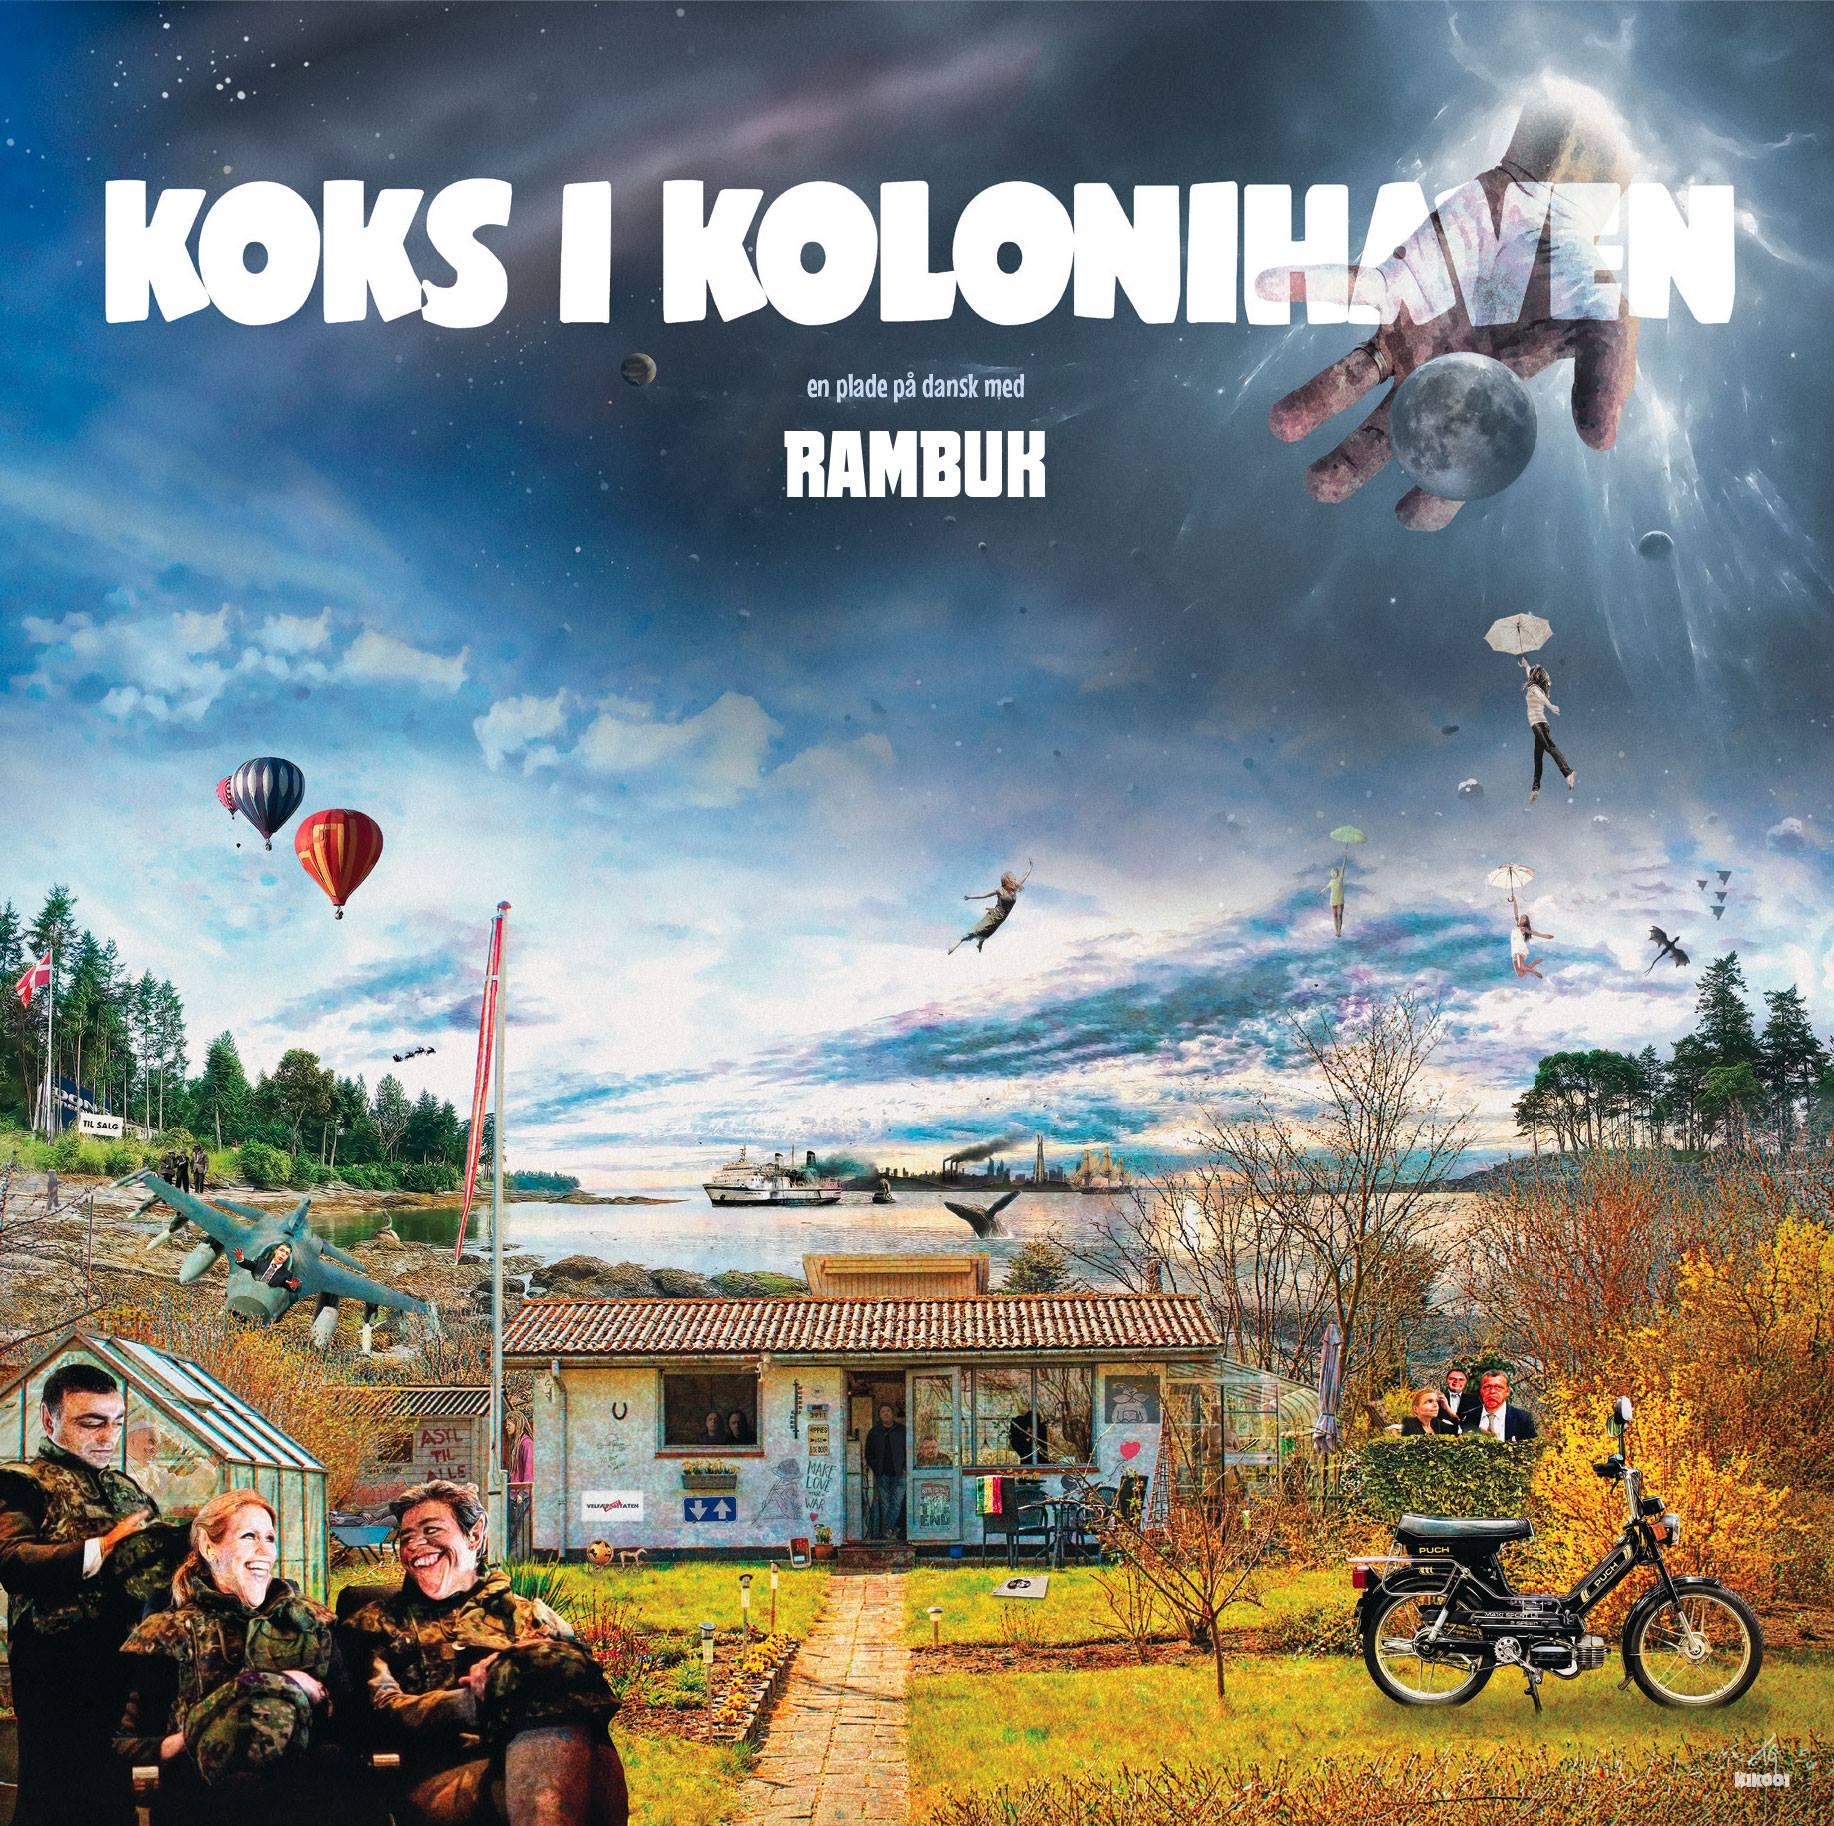 Rambuk - Koks i Kolonihaven (2016)